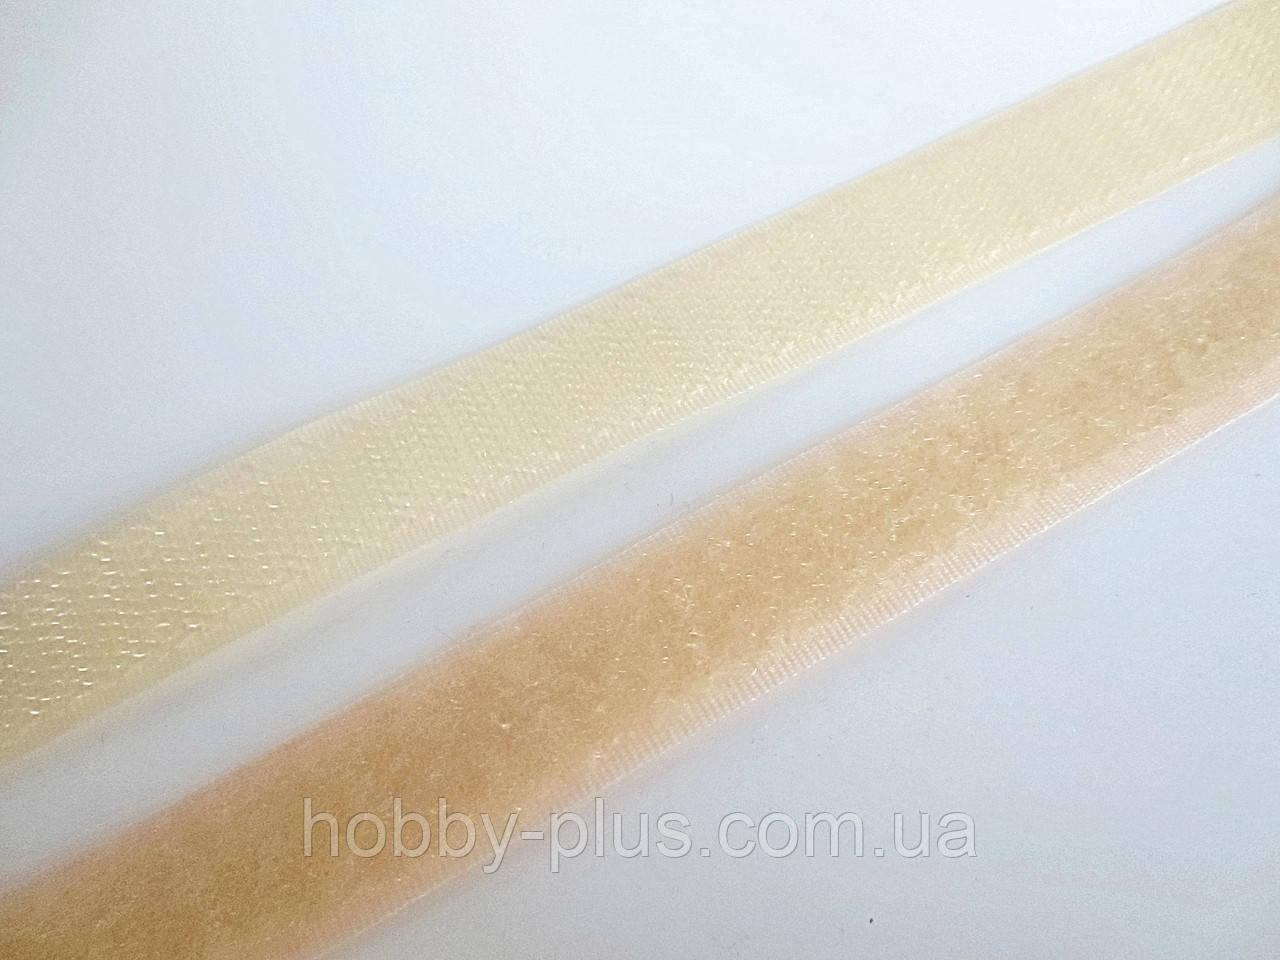 Лента-липучка, 20 мм, цвет кремовый, 1 м